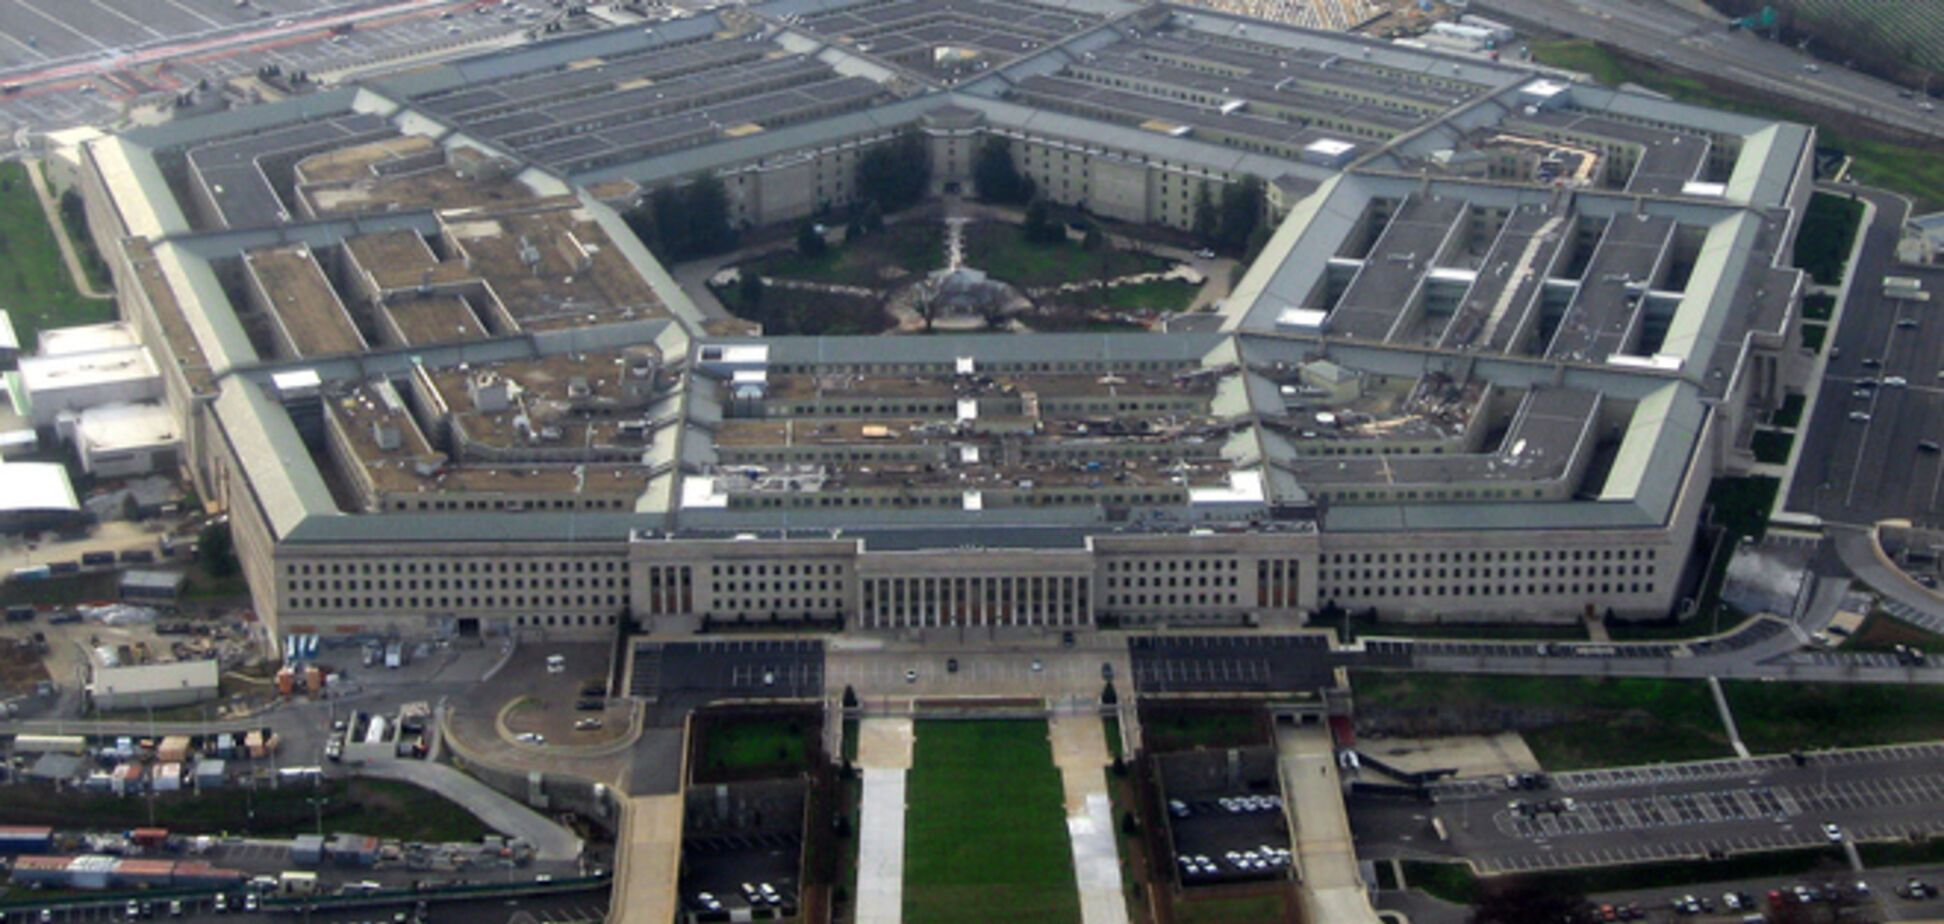 Пентагон поможет украинским войскам создать защиту от российской агрессии